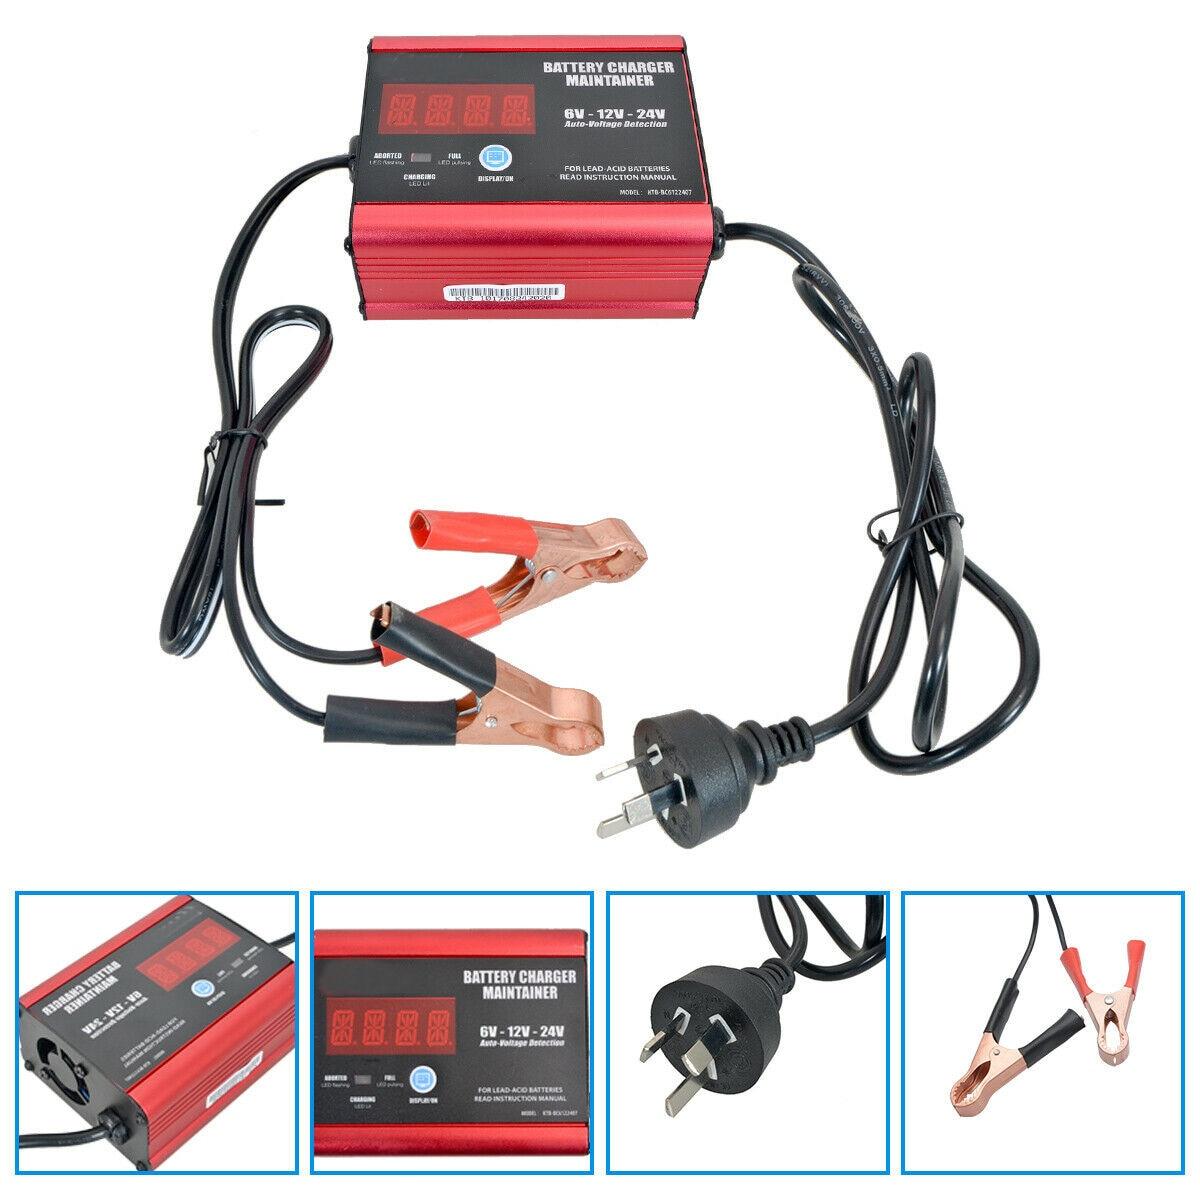 Chargeur automatique de batterie de voiture Intelligent 190/240 V 6 V/12/24 V 140 W 200AH prise de réparation d'impulsion AU